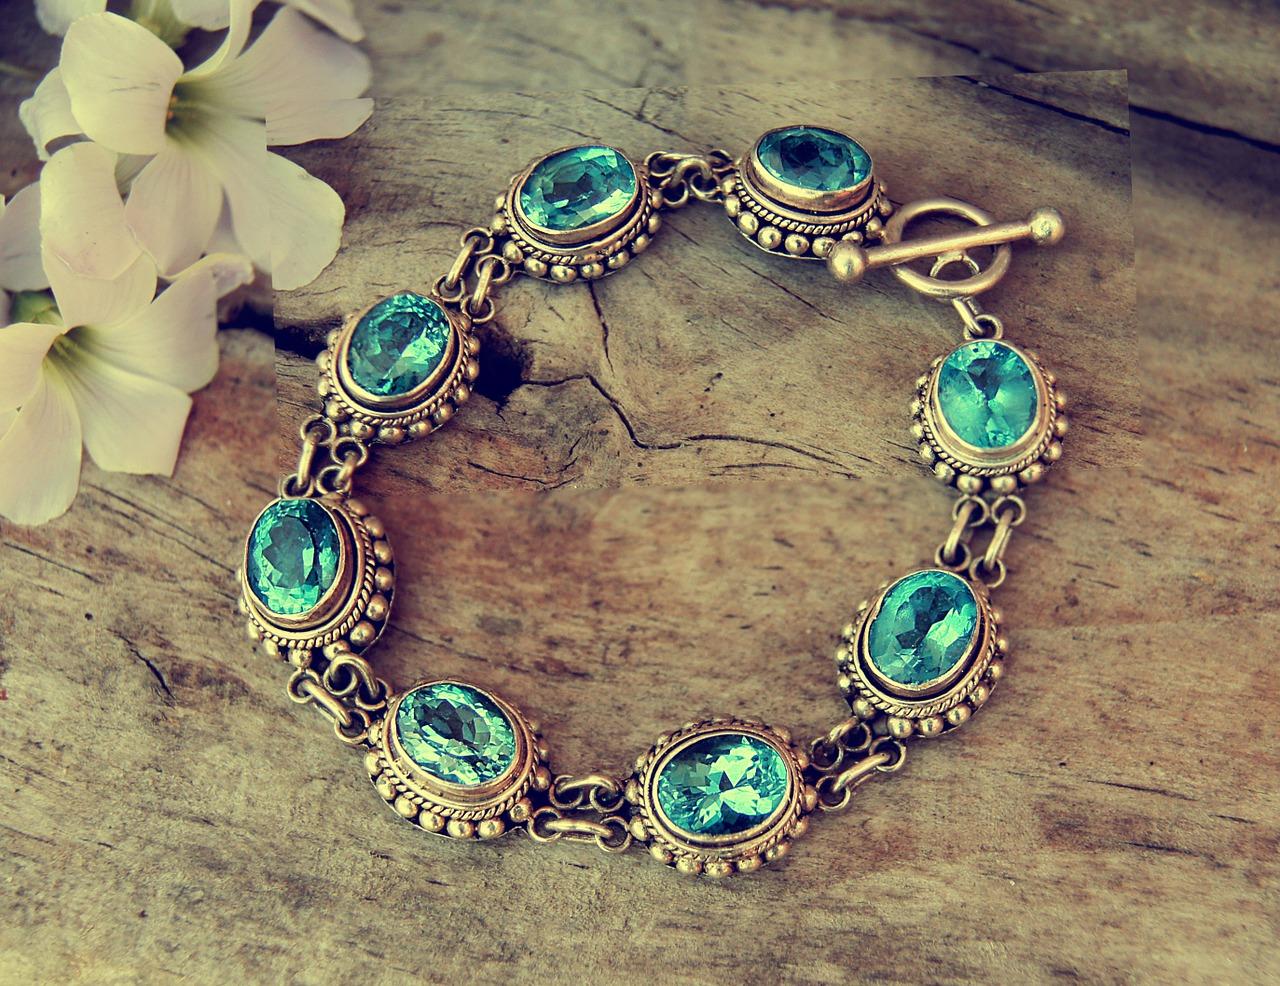 Šperky z drahými kameny jsou trendy